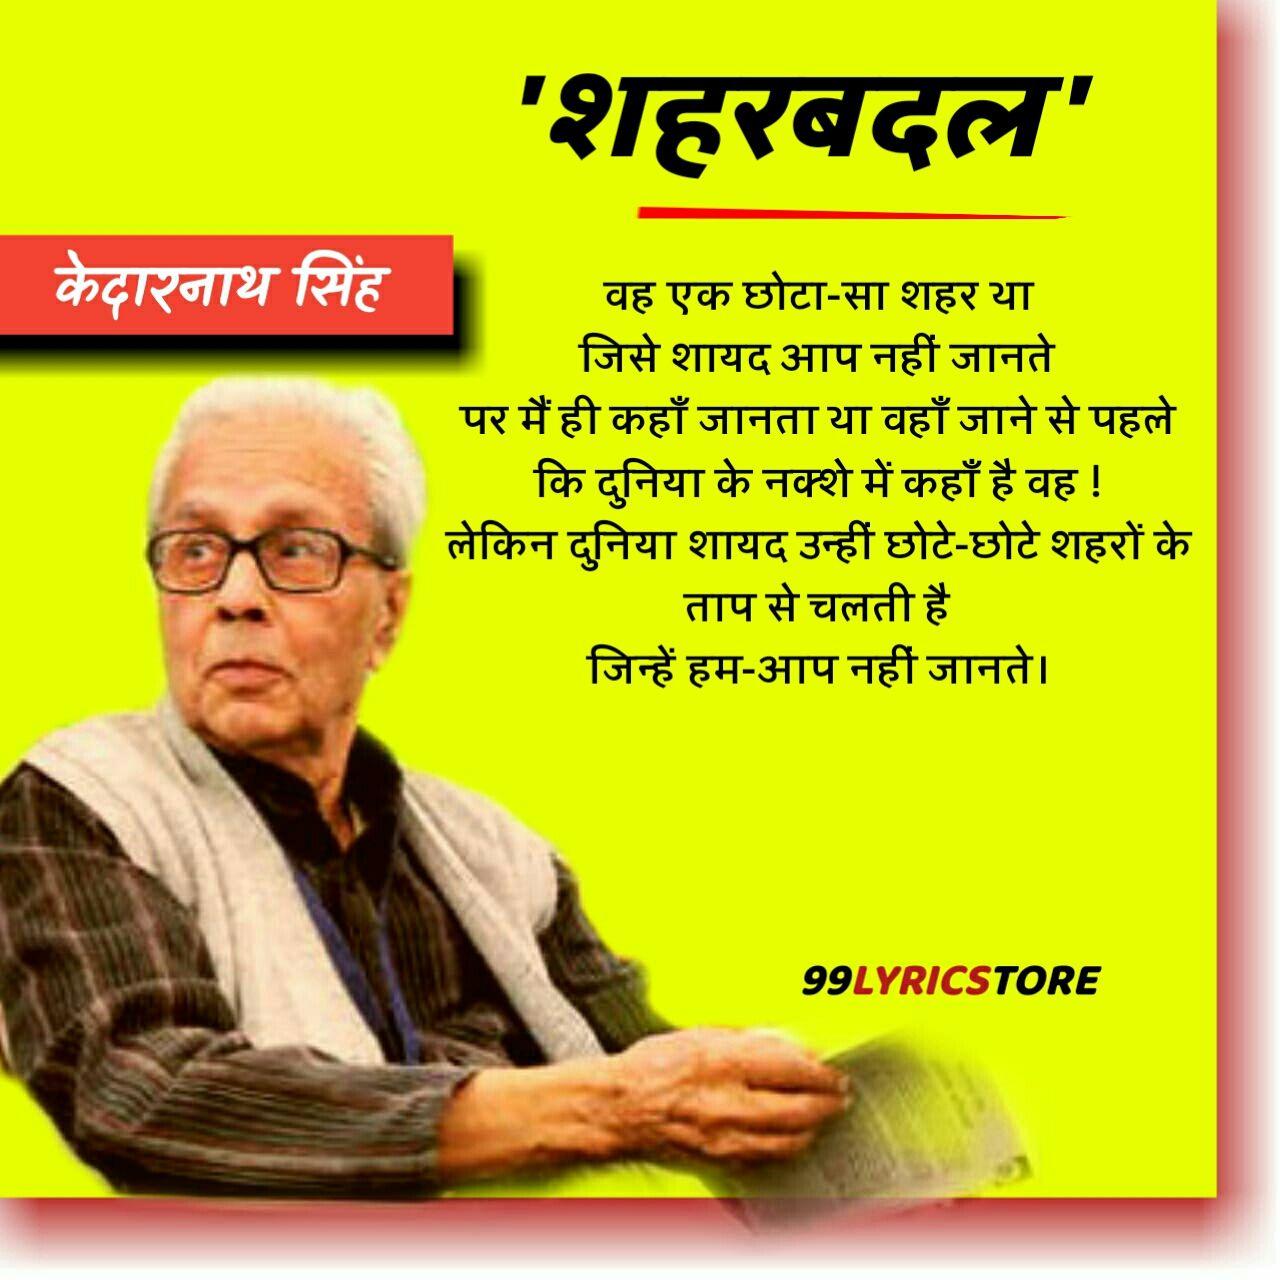 'शहरबदल' कविता केदारनाथ सिंह जी द्वारा लिखी गई एक हिन्दी कविता है।